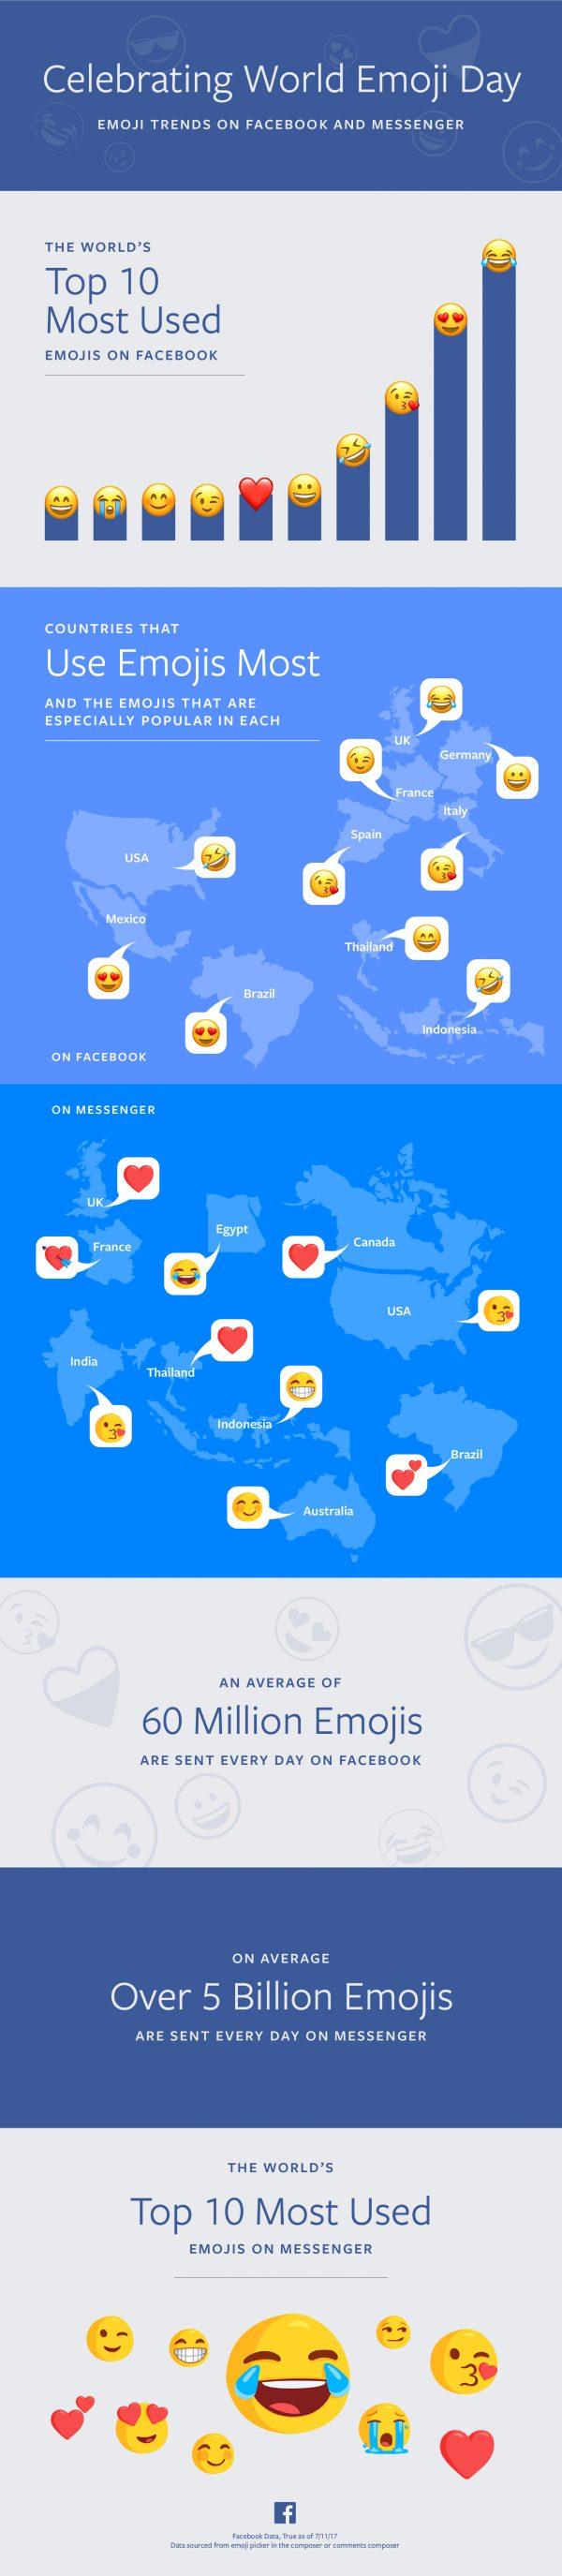 World Emoji Day Infographic (Quelle: Facebook)